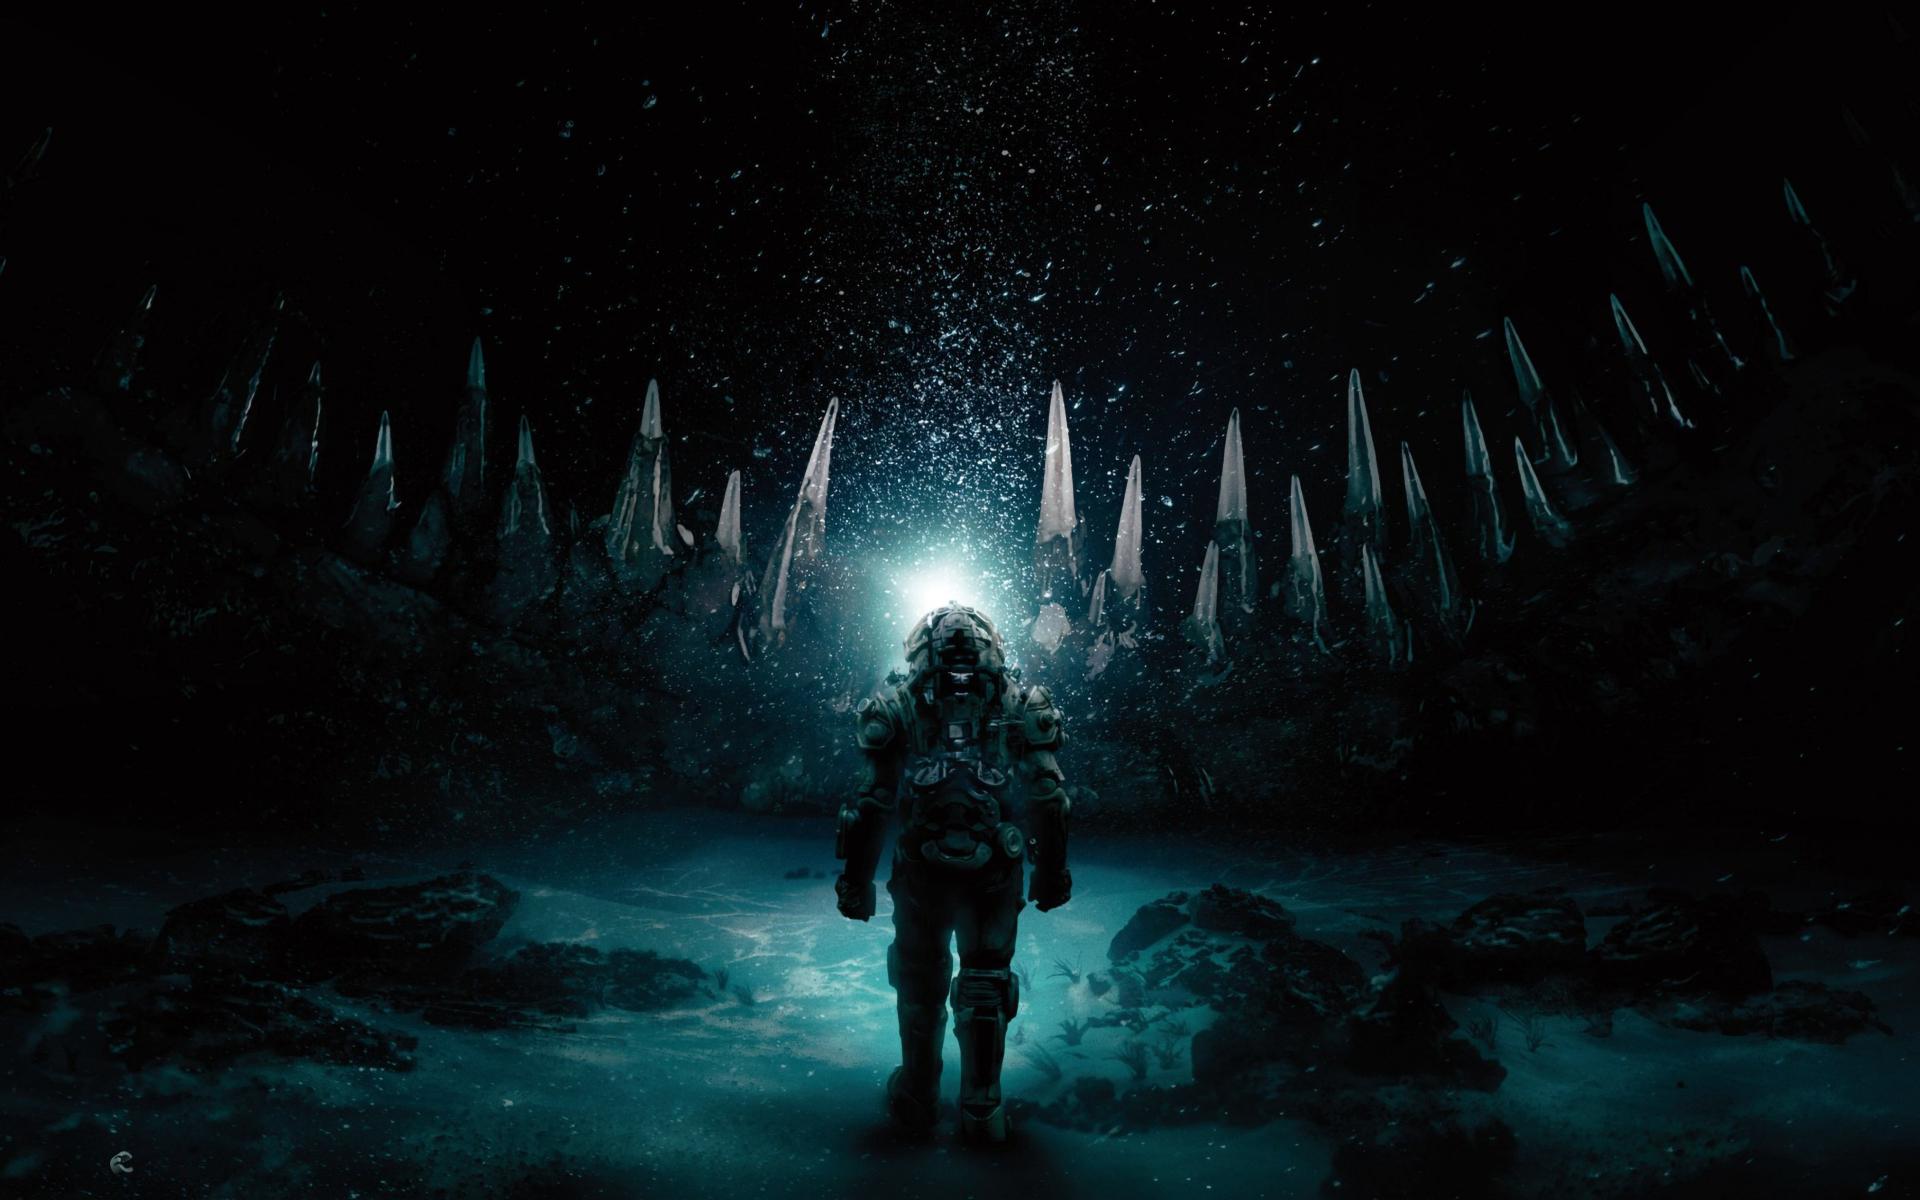 1920x1200 Underwater 2020 Movie 1200P Wallpaper HD Movies 4K 1920x1200